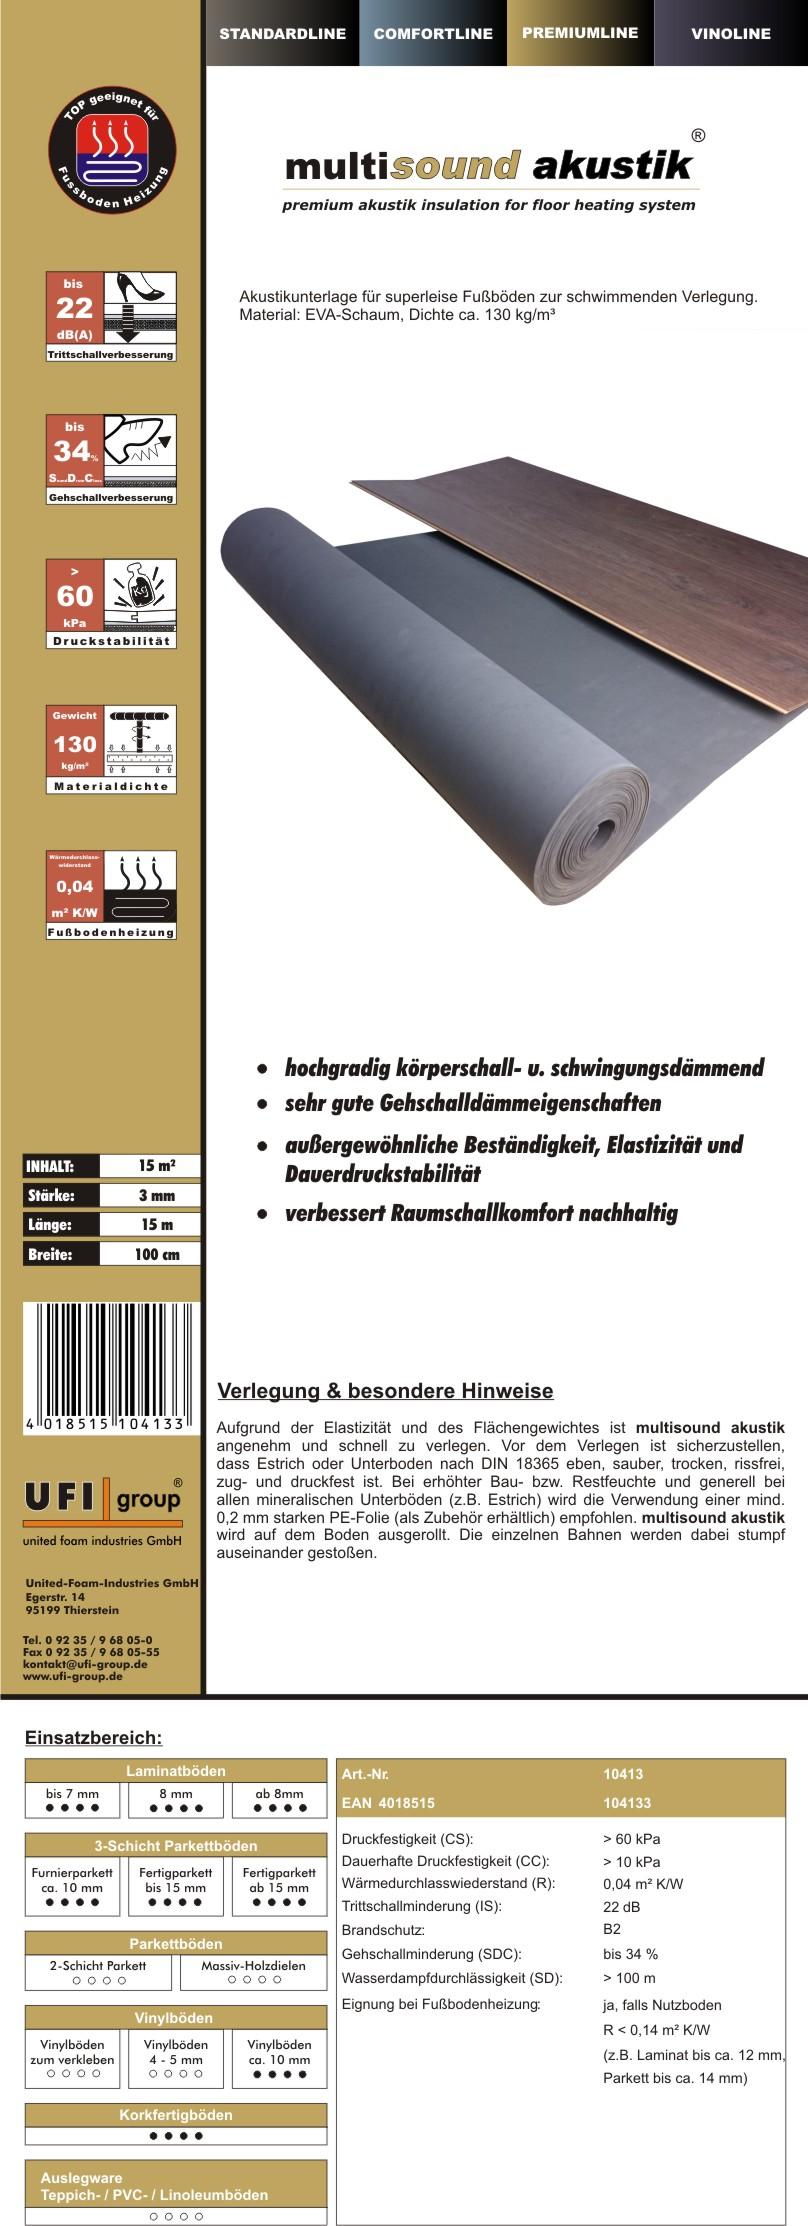 200 m/² | 8 Rollen St/ärke 2 mm 200 m/² Akustik Trittschalld/ämmung f/ür Laminat und Parkettb/öden Trittschalld/ämmung uficell ALU PE-Schaum mit Alu-Dampfbremse